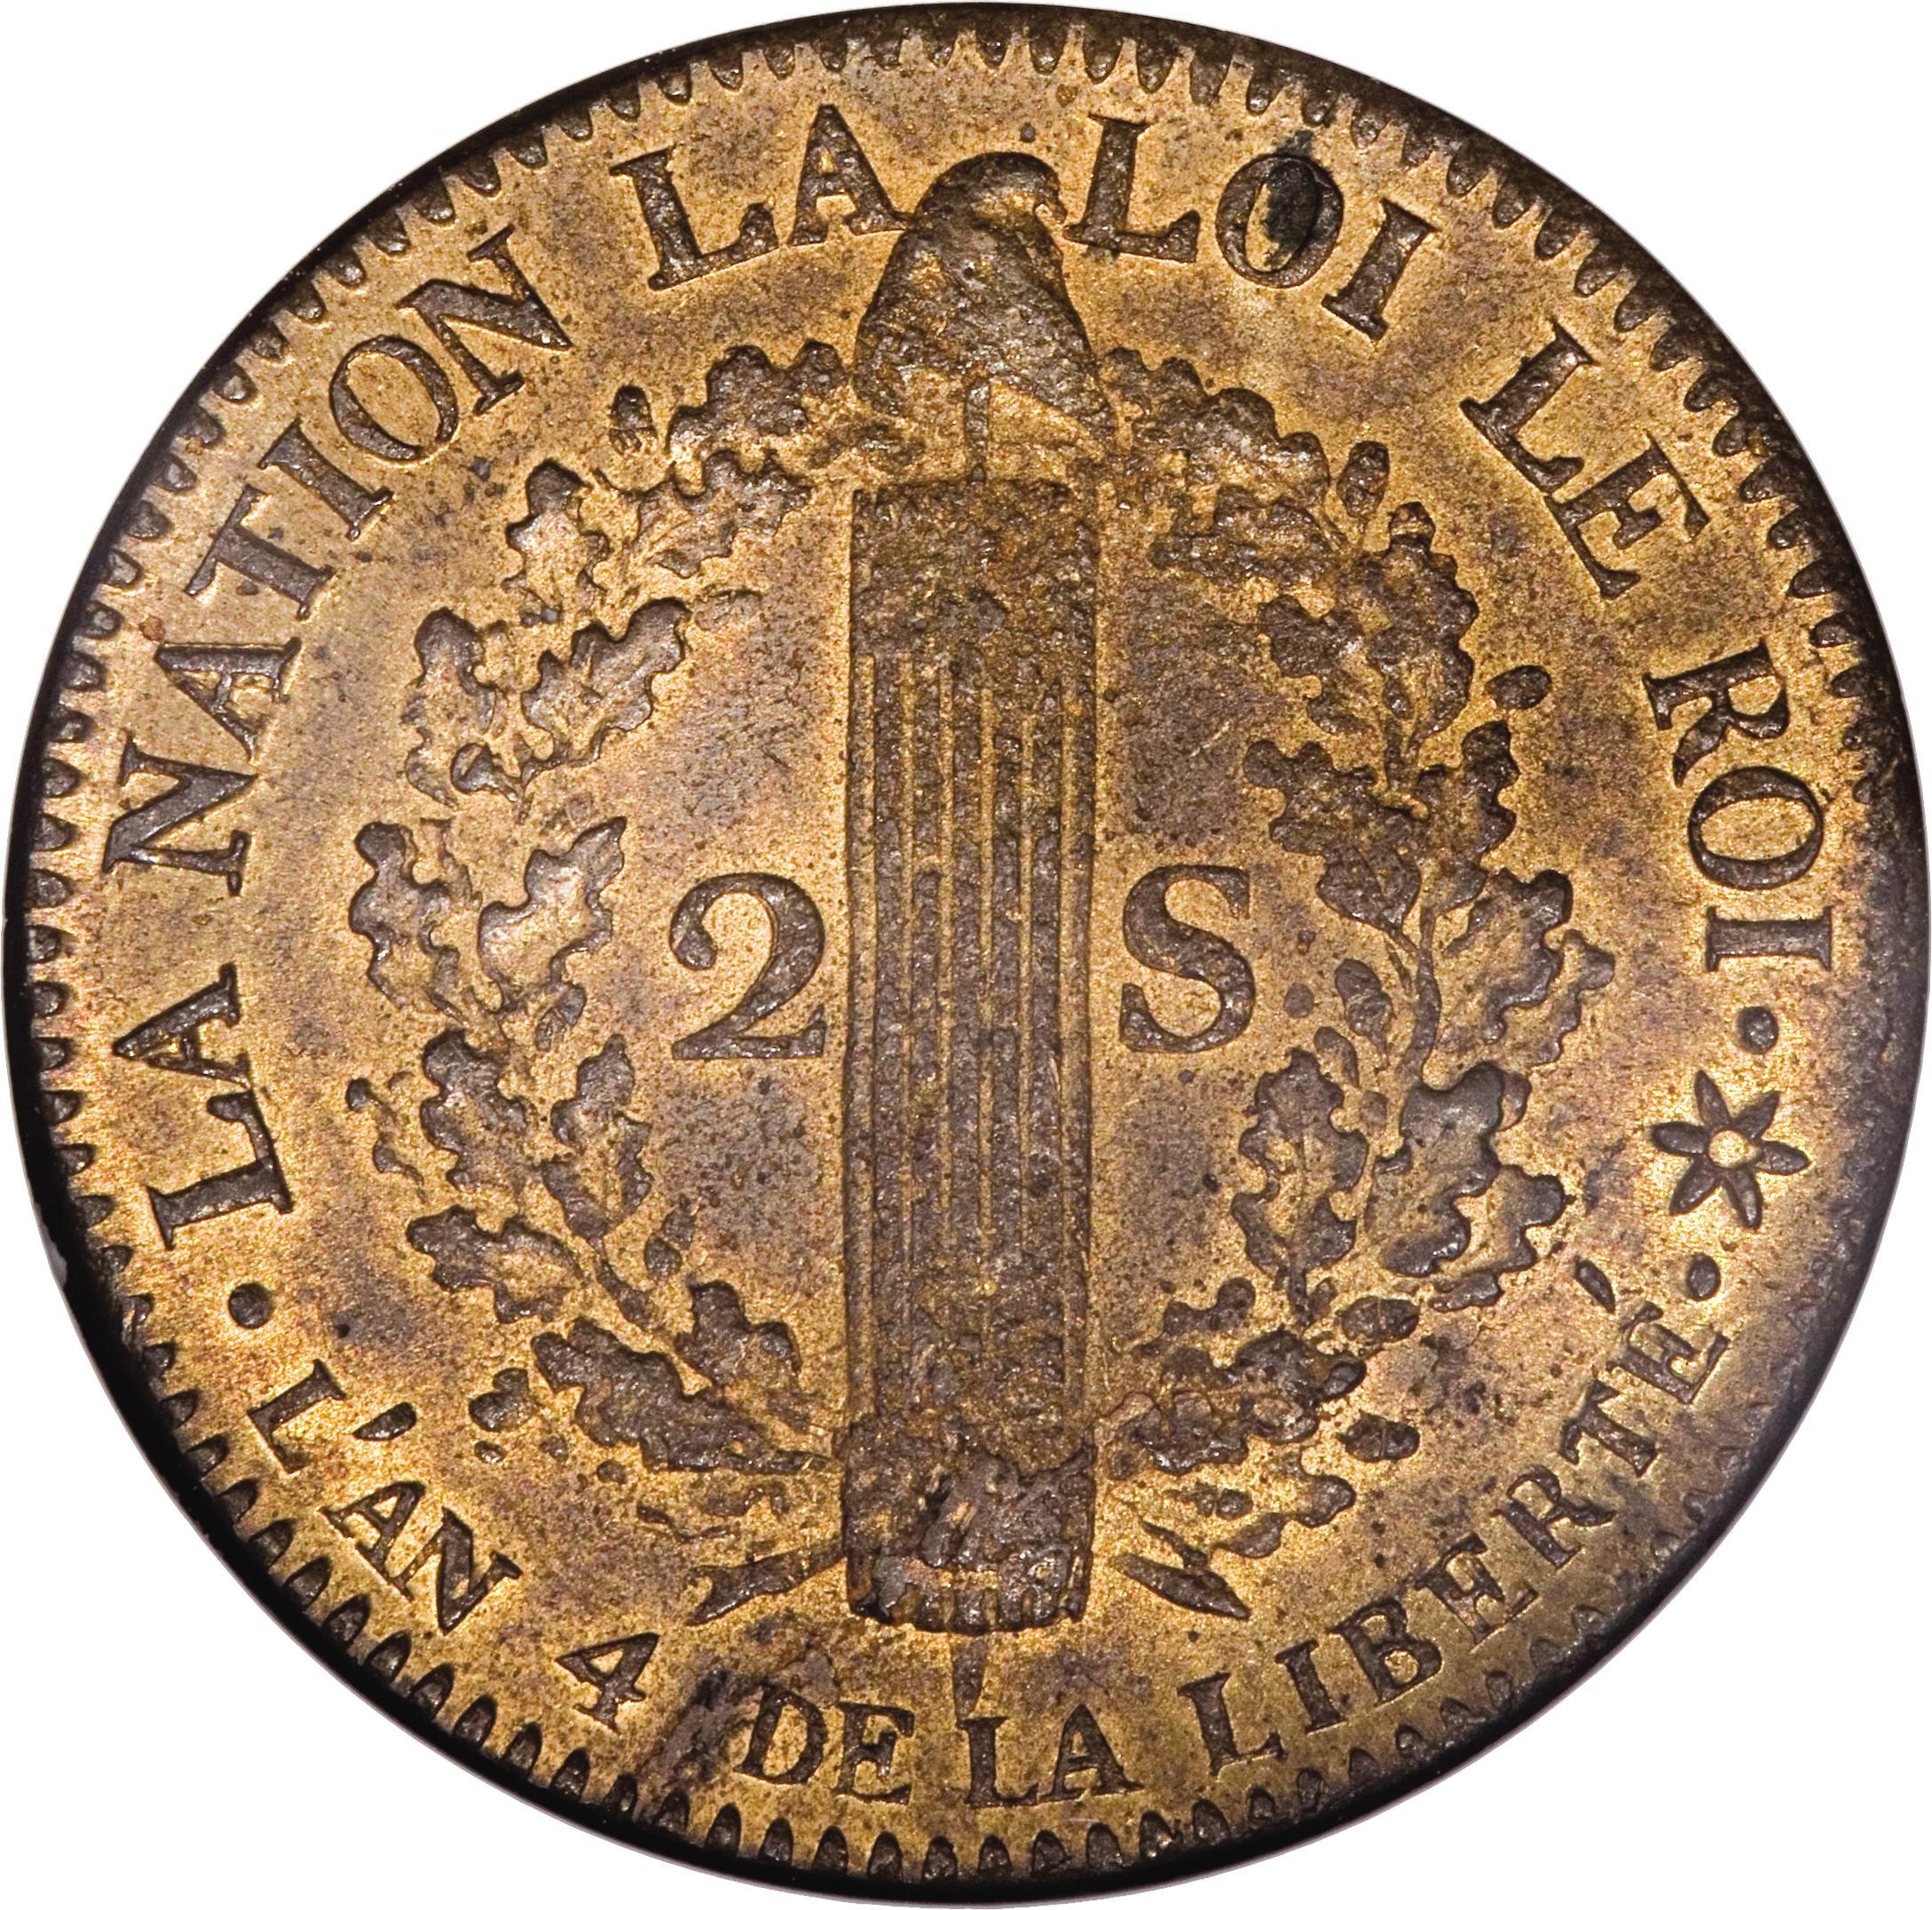 2 Sols - Louis XVI (FRANÇAIS) - France - Kingdom – Numista